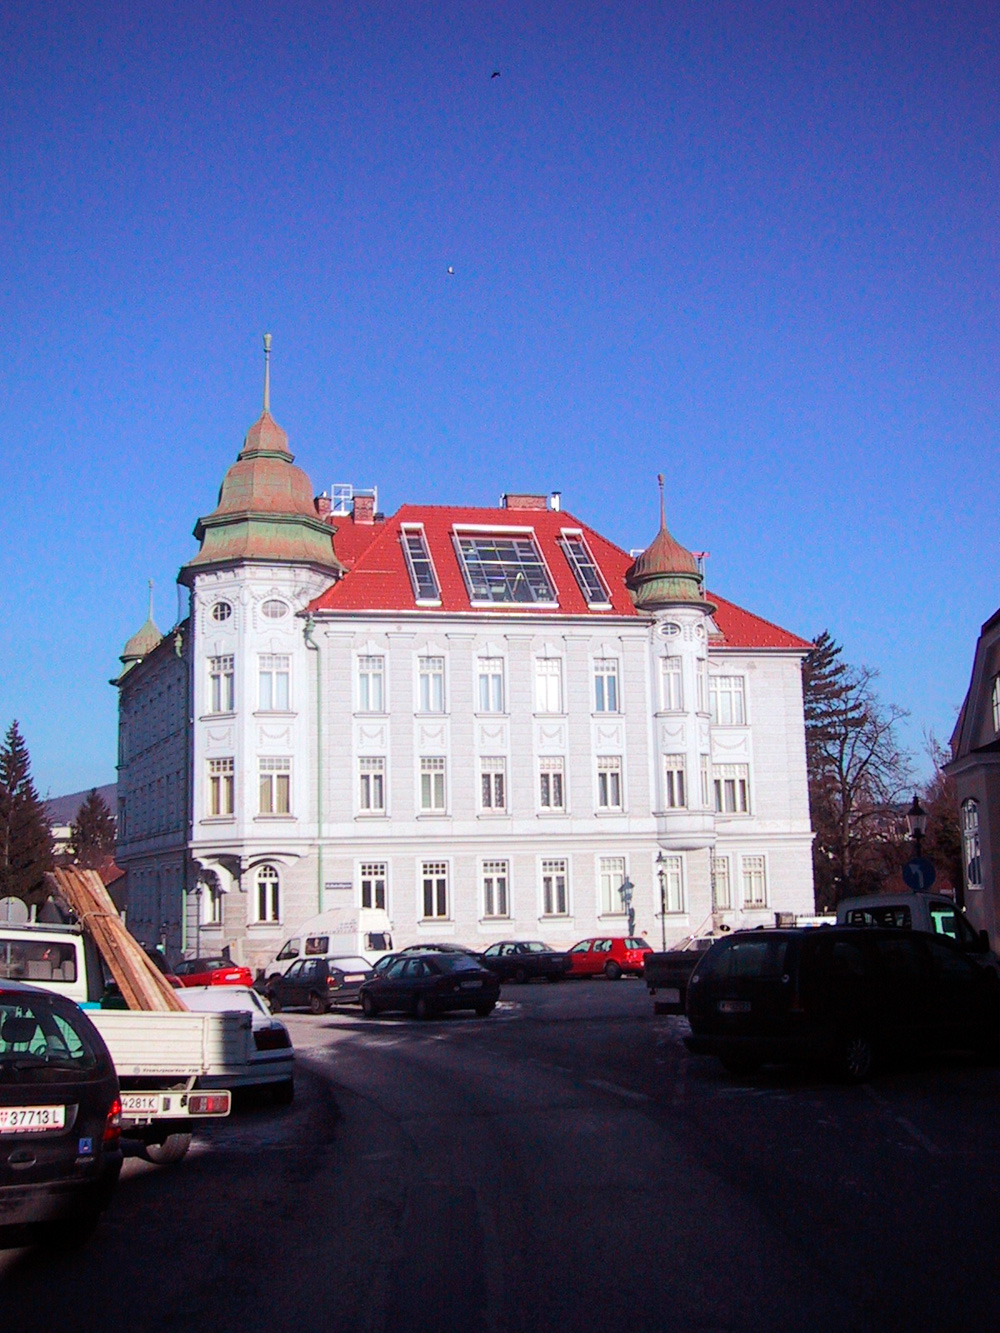 Außenansicht eines Dachgeschossausbaus in Wien (Paschinger Architekten)